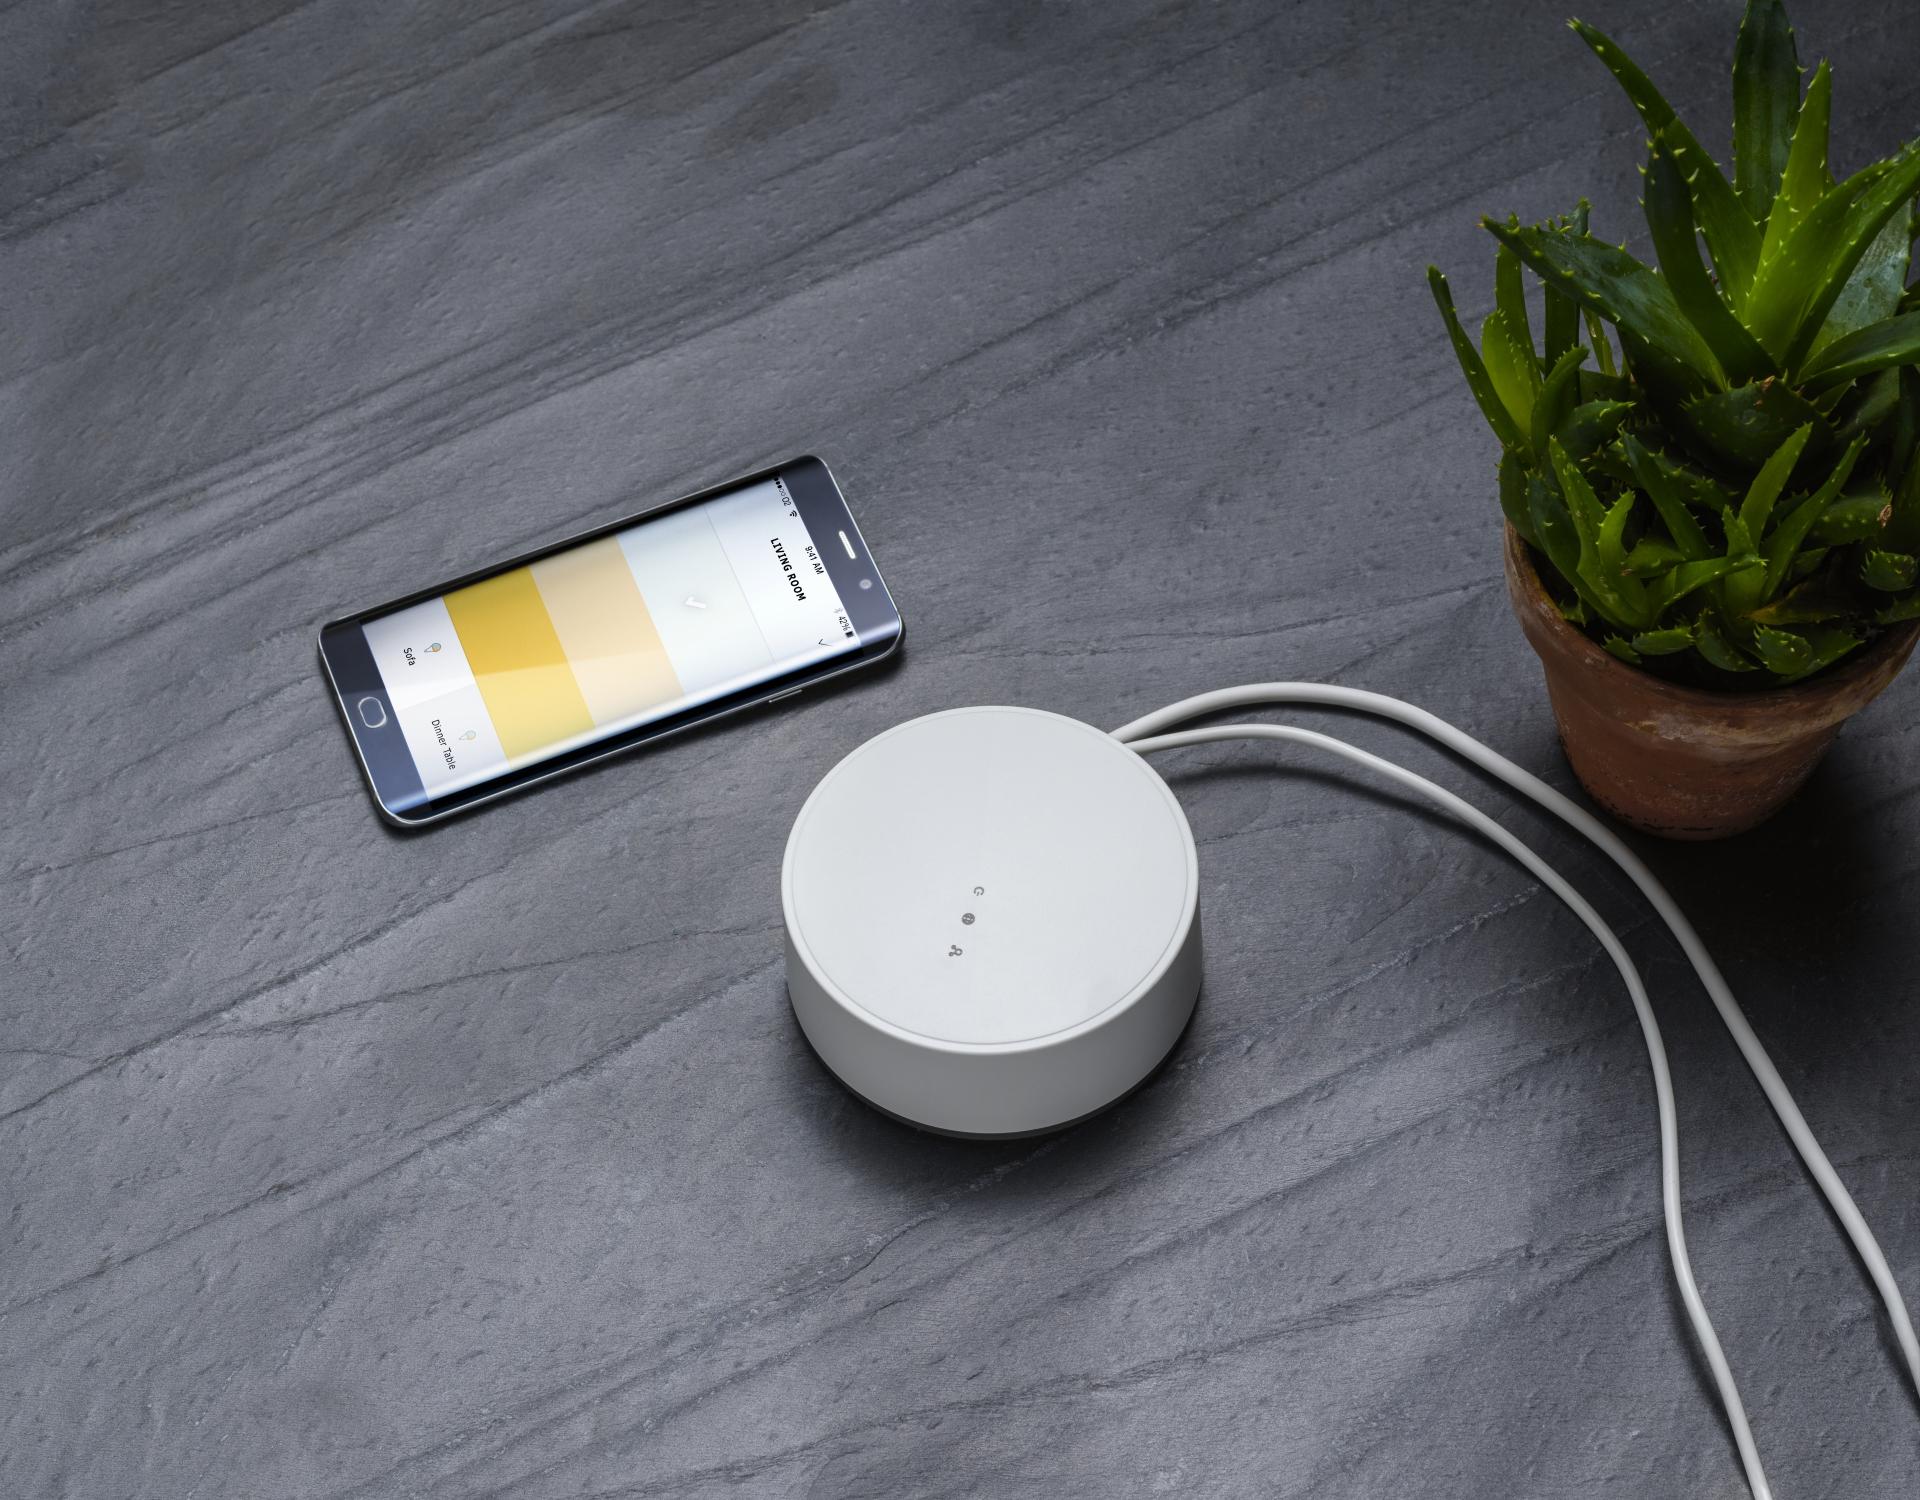 smarte beleuchtung von ikea jetzt mit sprachsteuerung durch ein update der ikea presseportal. Black Bedroom Furniture Sets. Home Design Ideas